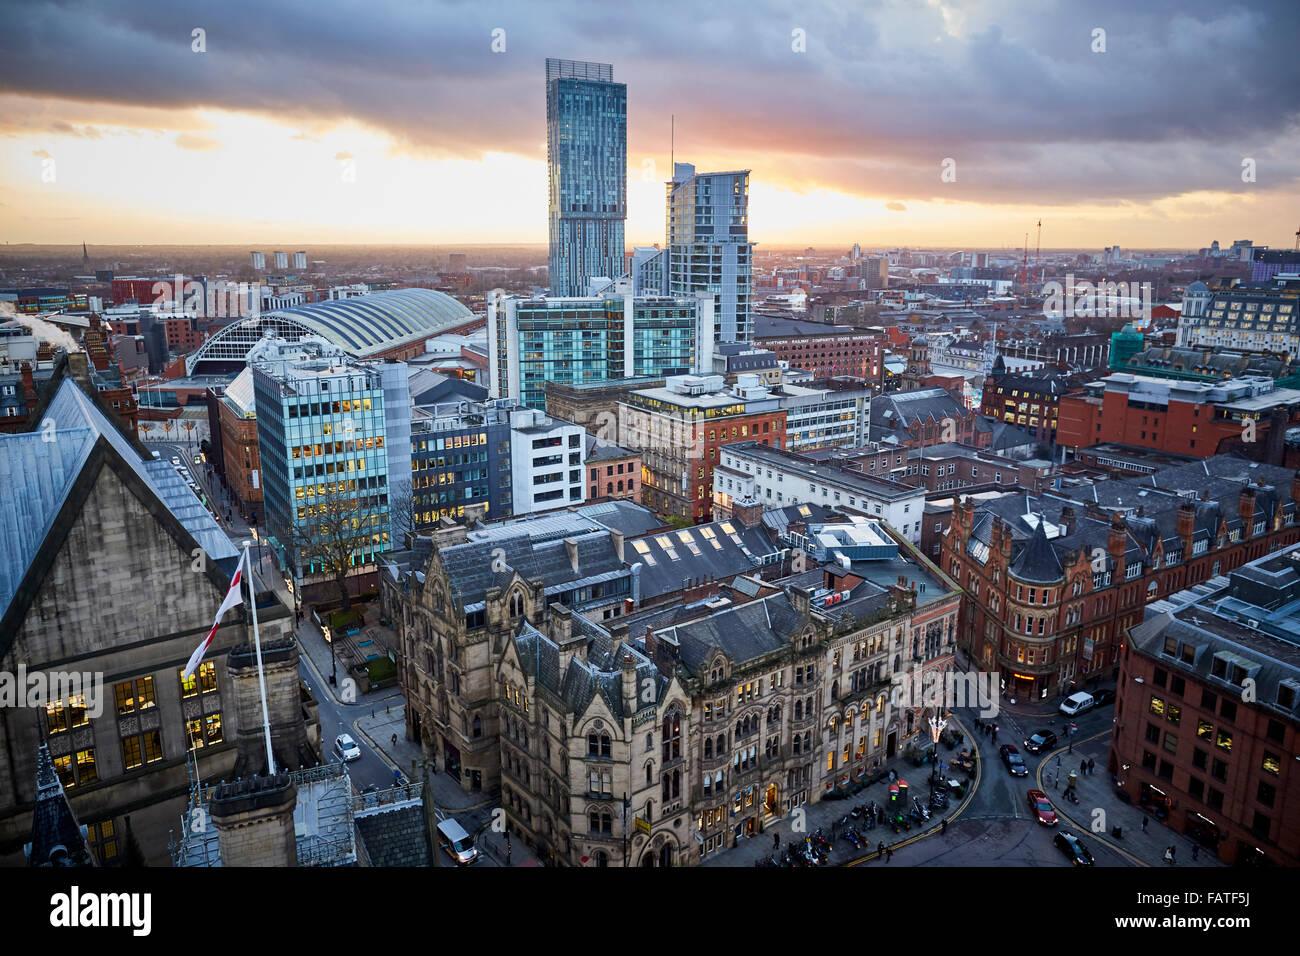 Blick vom Rathaus von Manchester Uhrturm Blick auf Gebäude rund um Albert Square und Beetham Tower Manchester Central Stockfoto